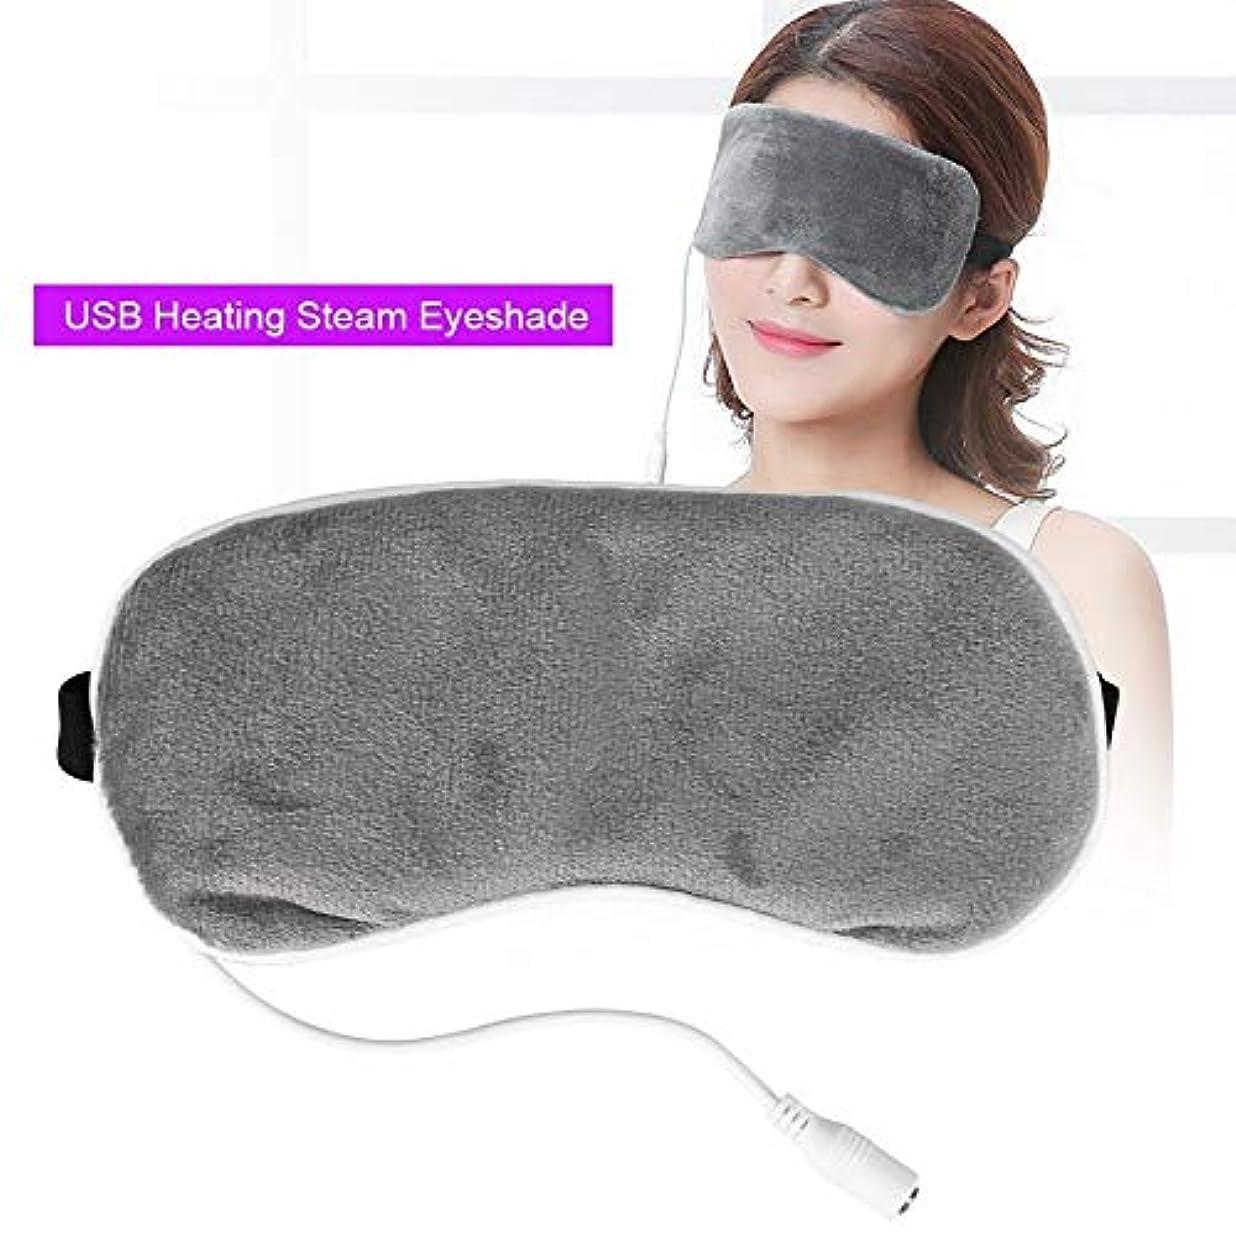 どこでも韓国語タンパク質NOTE USB暖房蒸気アイシェードラベンダーアイマスクアンチダークサークルアイパッチアイマッサージャー疲労緩和睡眠旅行アイシェードマスク